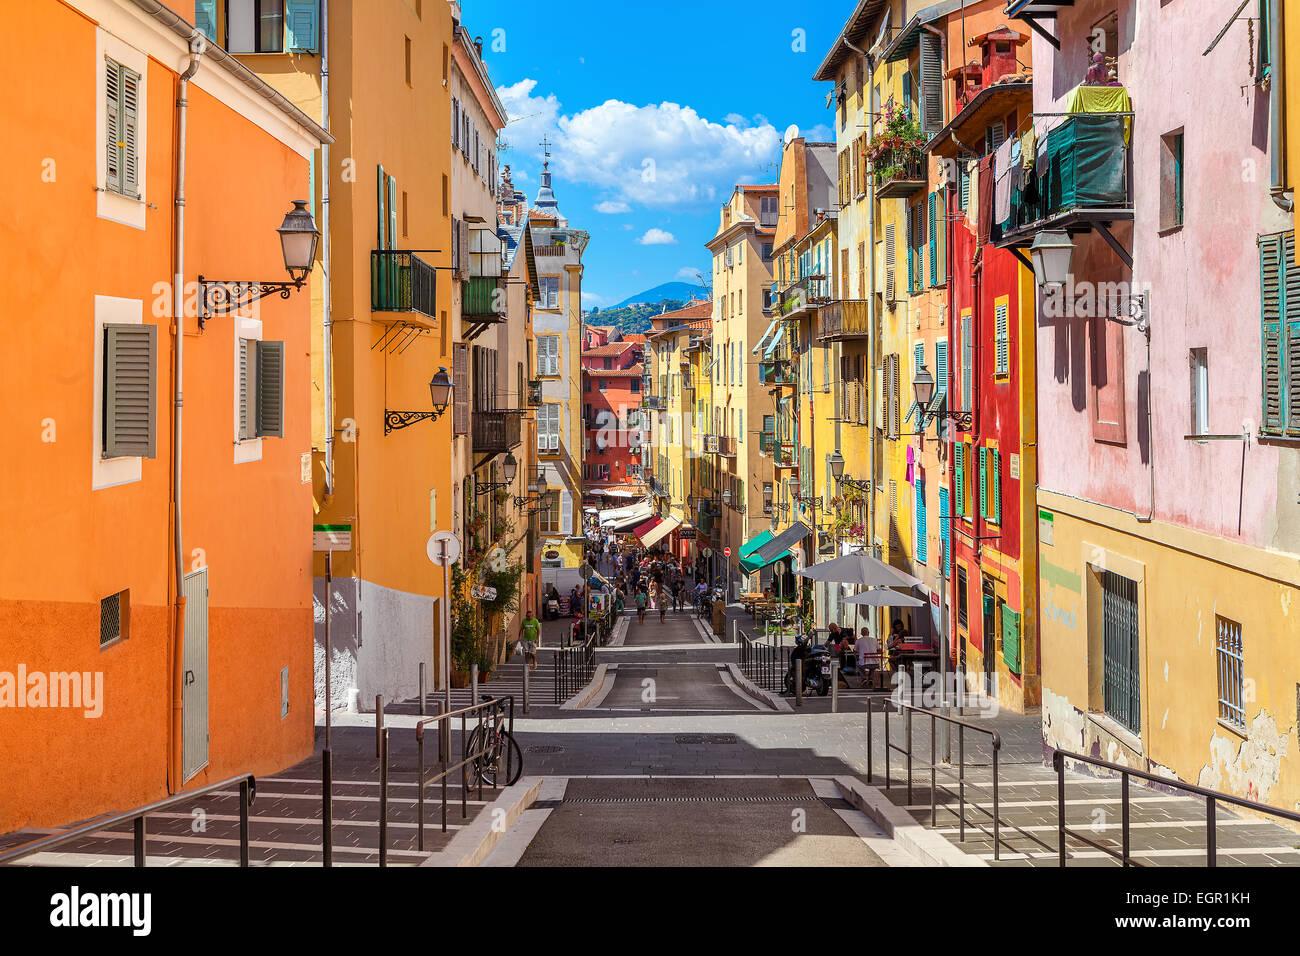 Ruelle dans la vieille partie touristique de Nice, France. Photo Stock